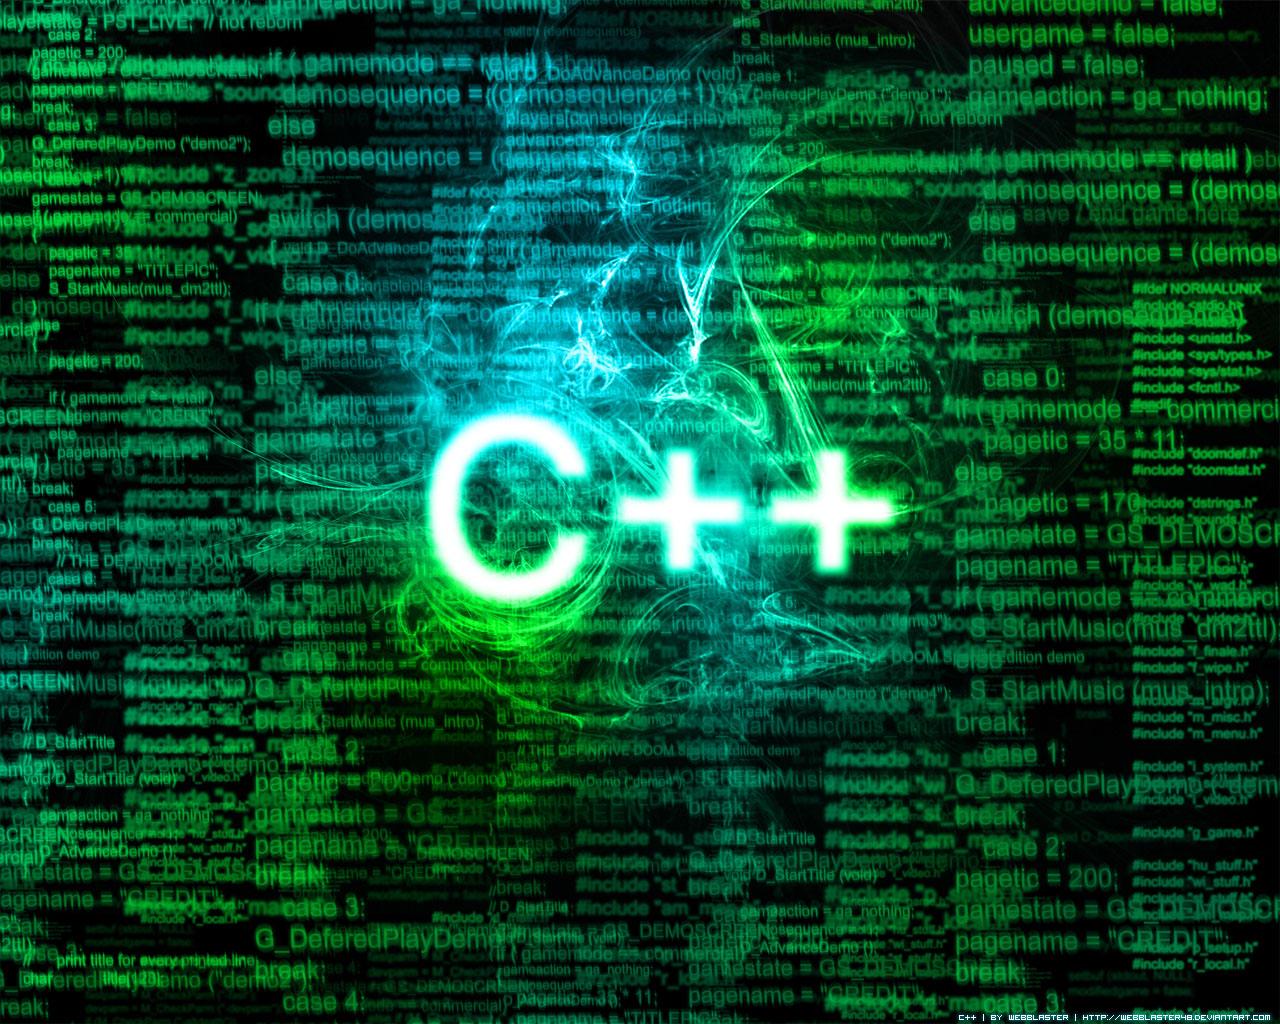 http://3.bp.blogspot.com/-mBzxwQGlJ_c/Tjq6-MytPtI/AAAAAAAACl0/r5xxrWvGzso/s1600/c-programming-language.jpg